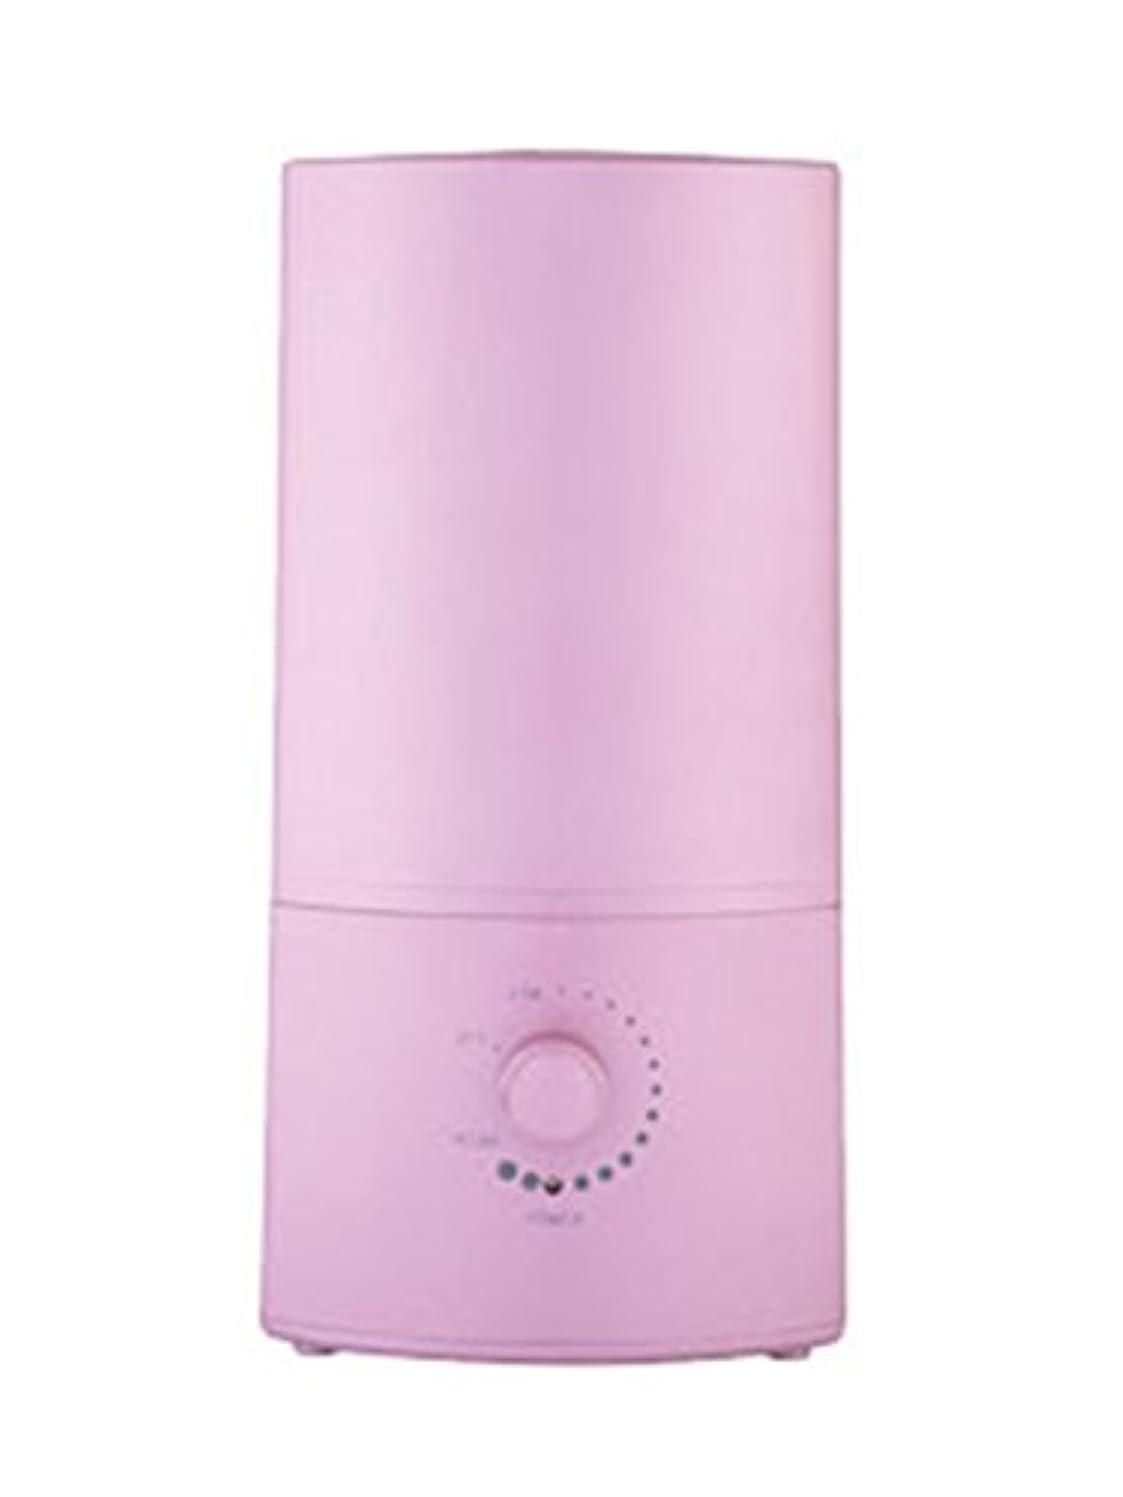 創始者思い出す技術的な超音波加湿器 SLender スレンダーピンク